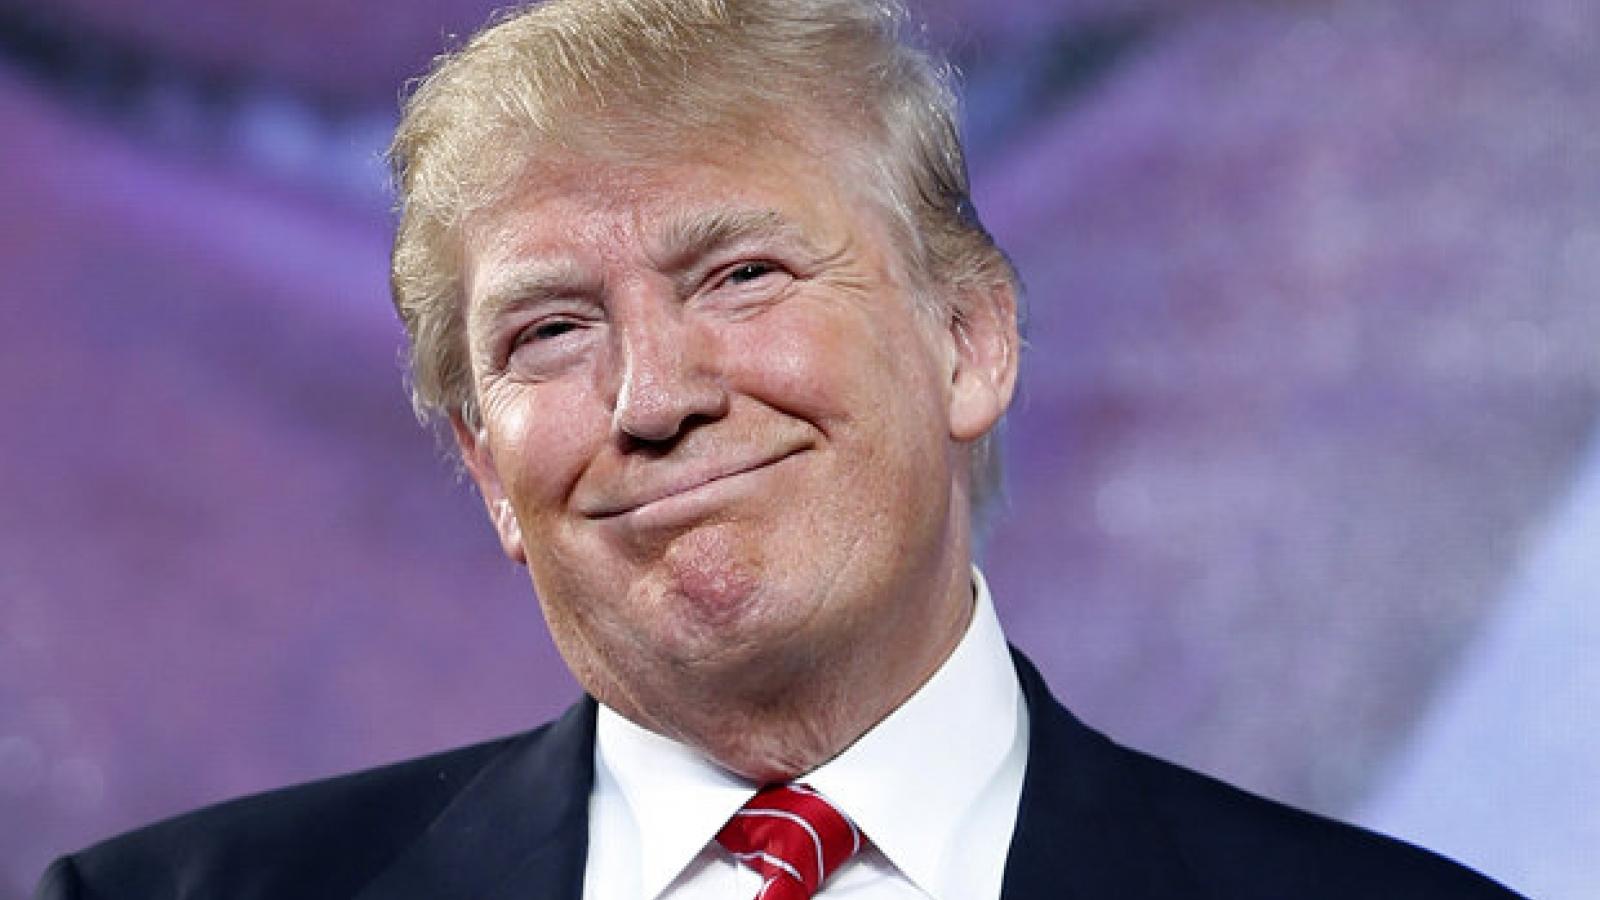 Gần như toàn bộ Thượng nghị sĩ Cộng hòa phản đối luận tội cựu Tổng thống Trump